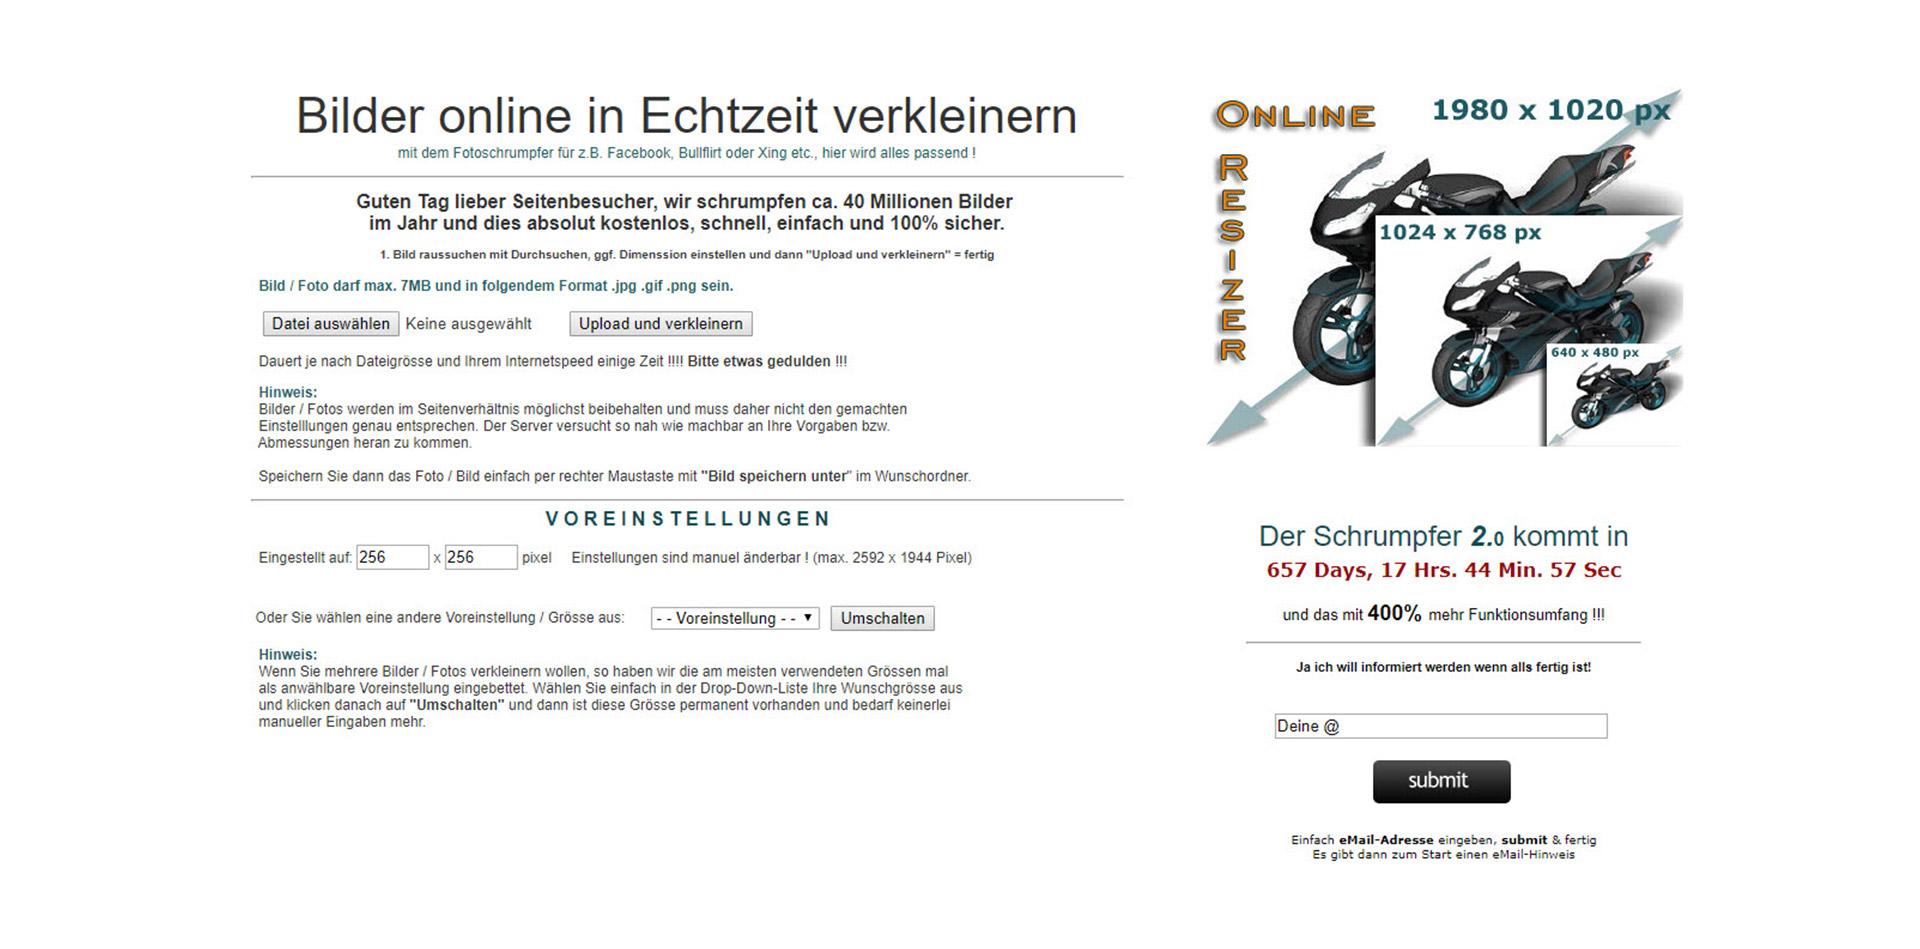 gif verkleinern online